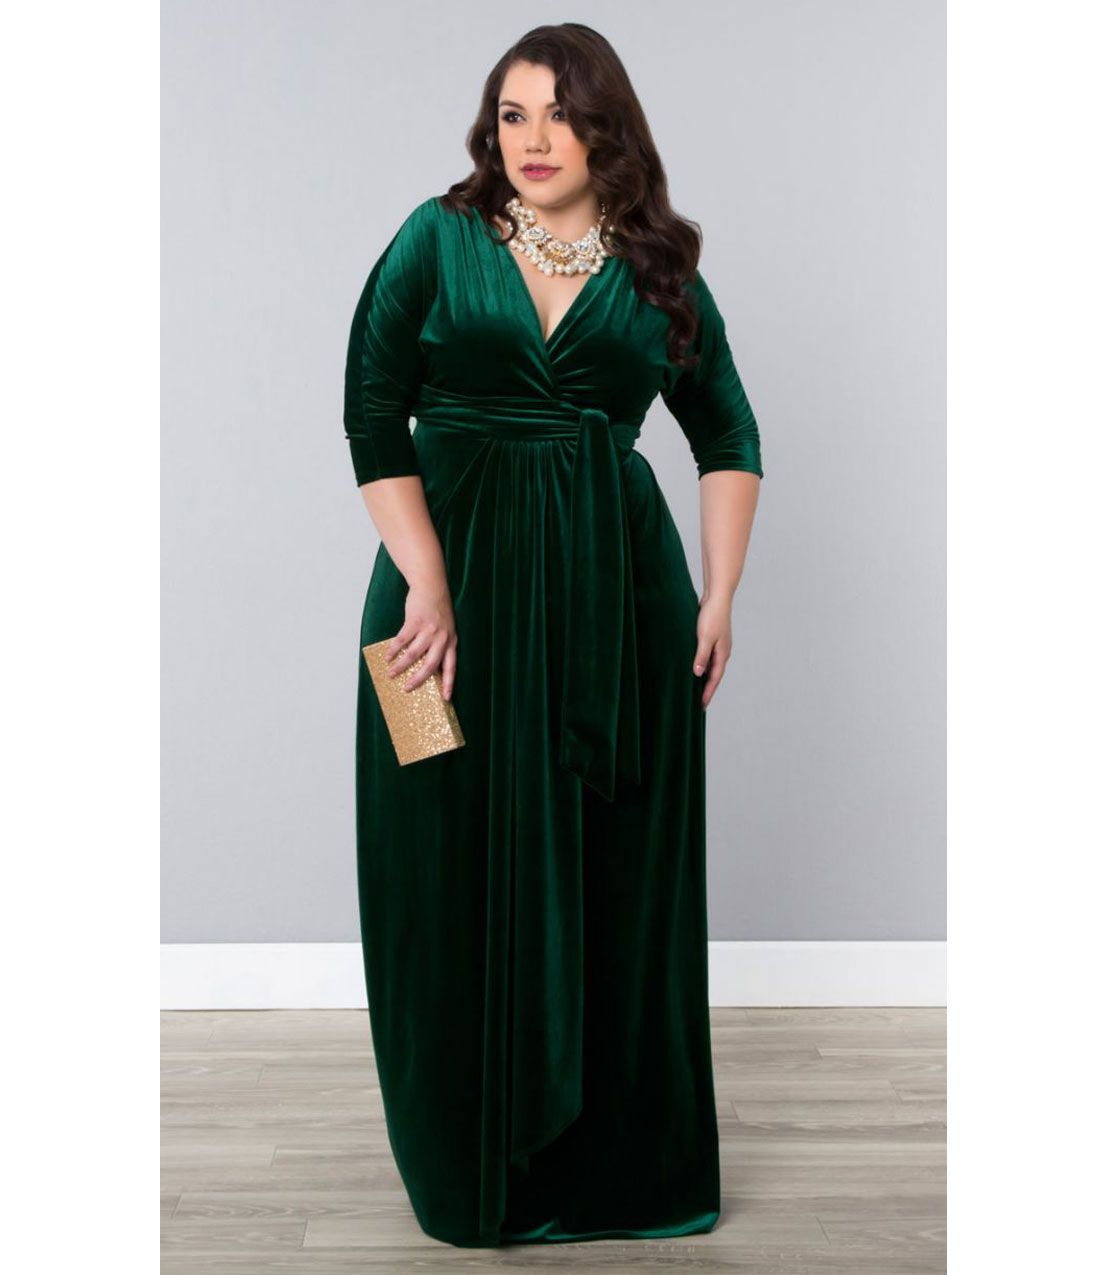 Vintage Style 1940s Plus Size Dresses | Green velvet, Formal prom ...